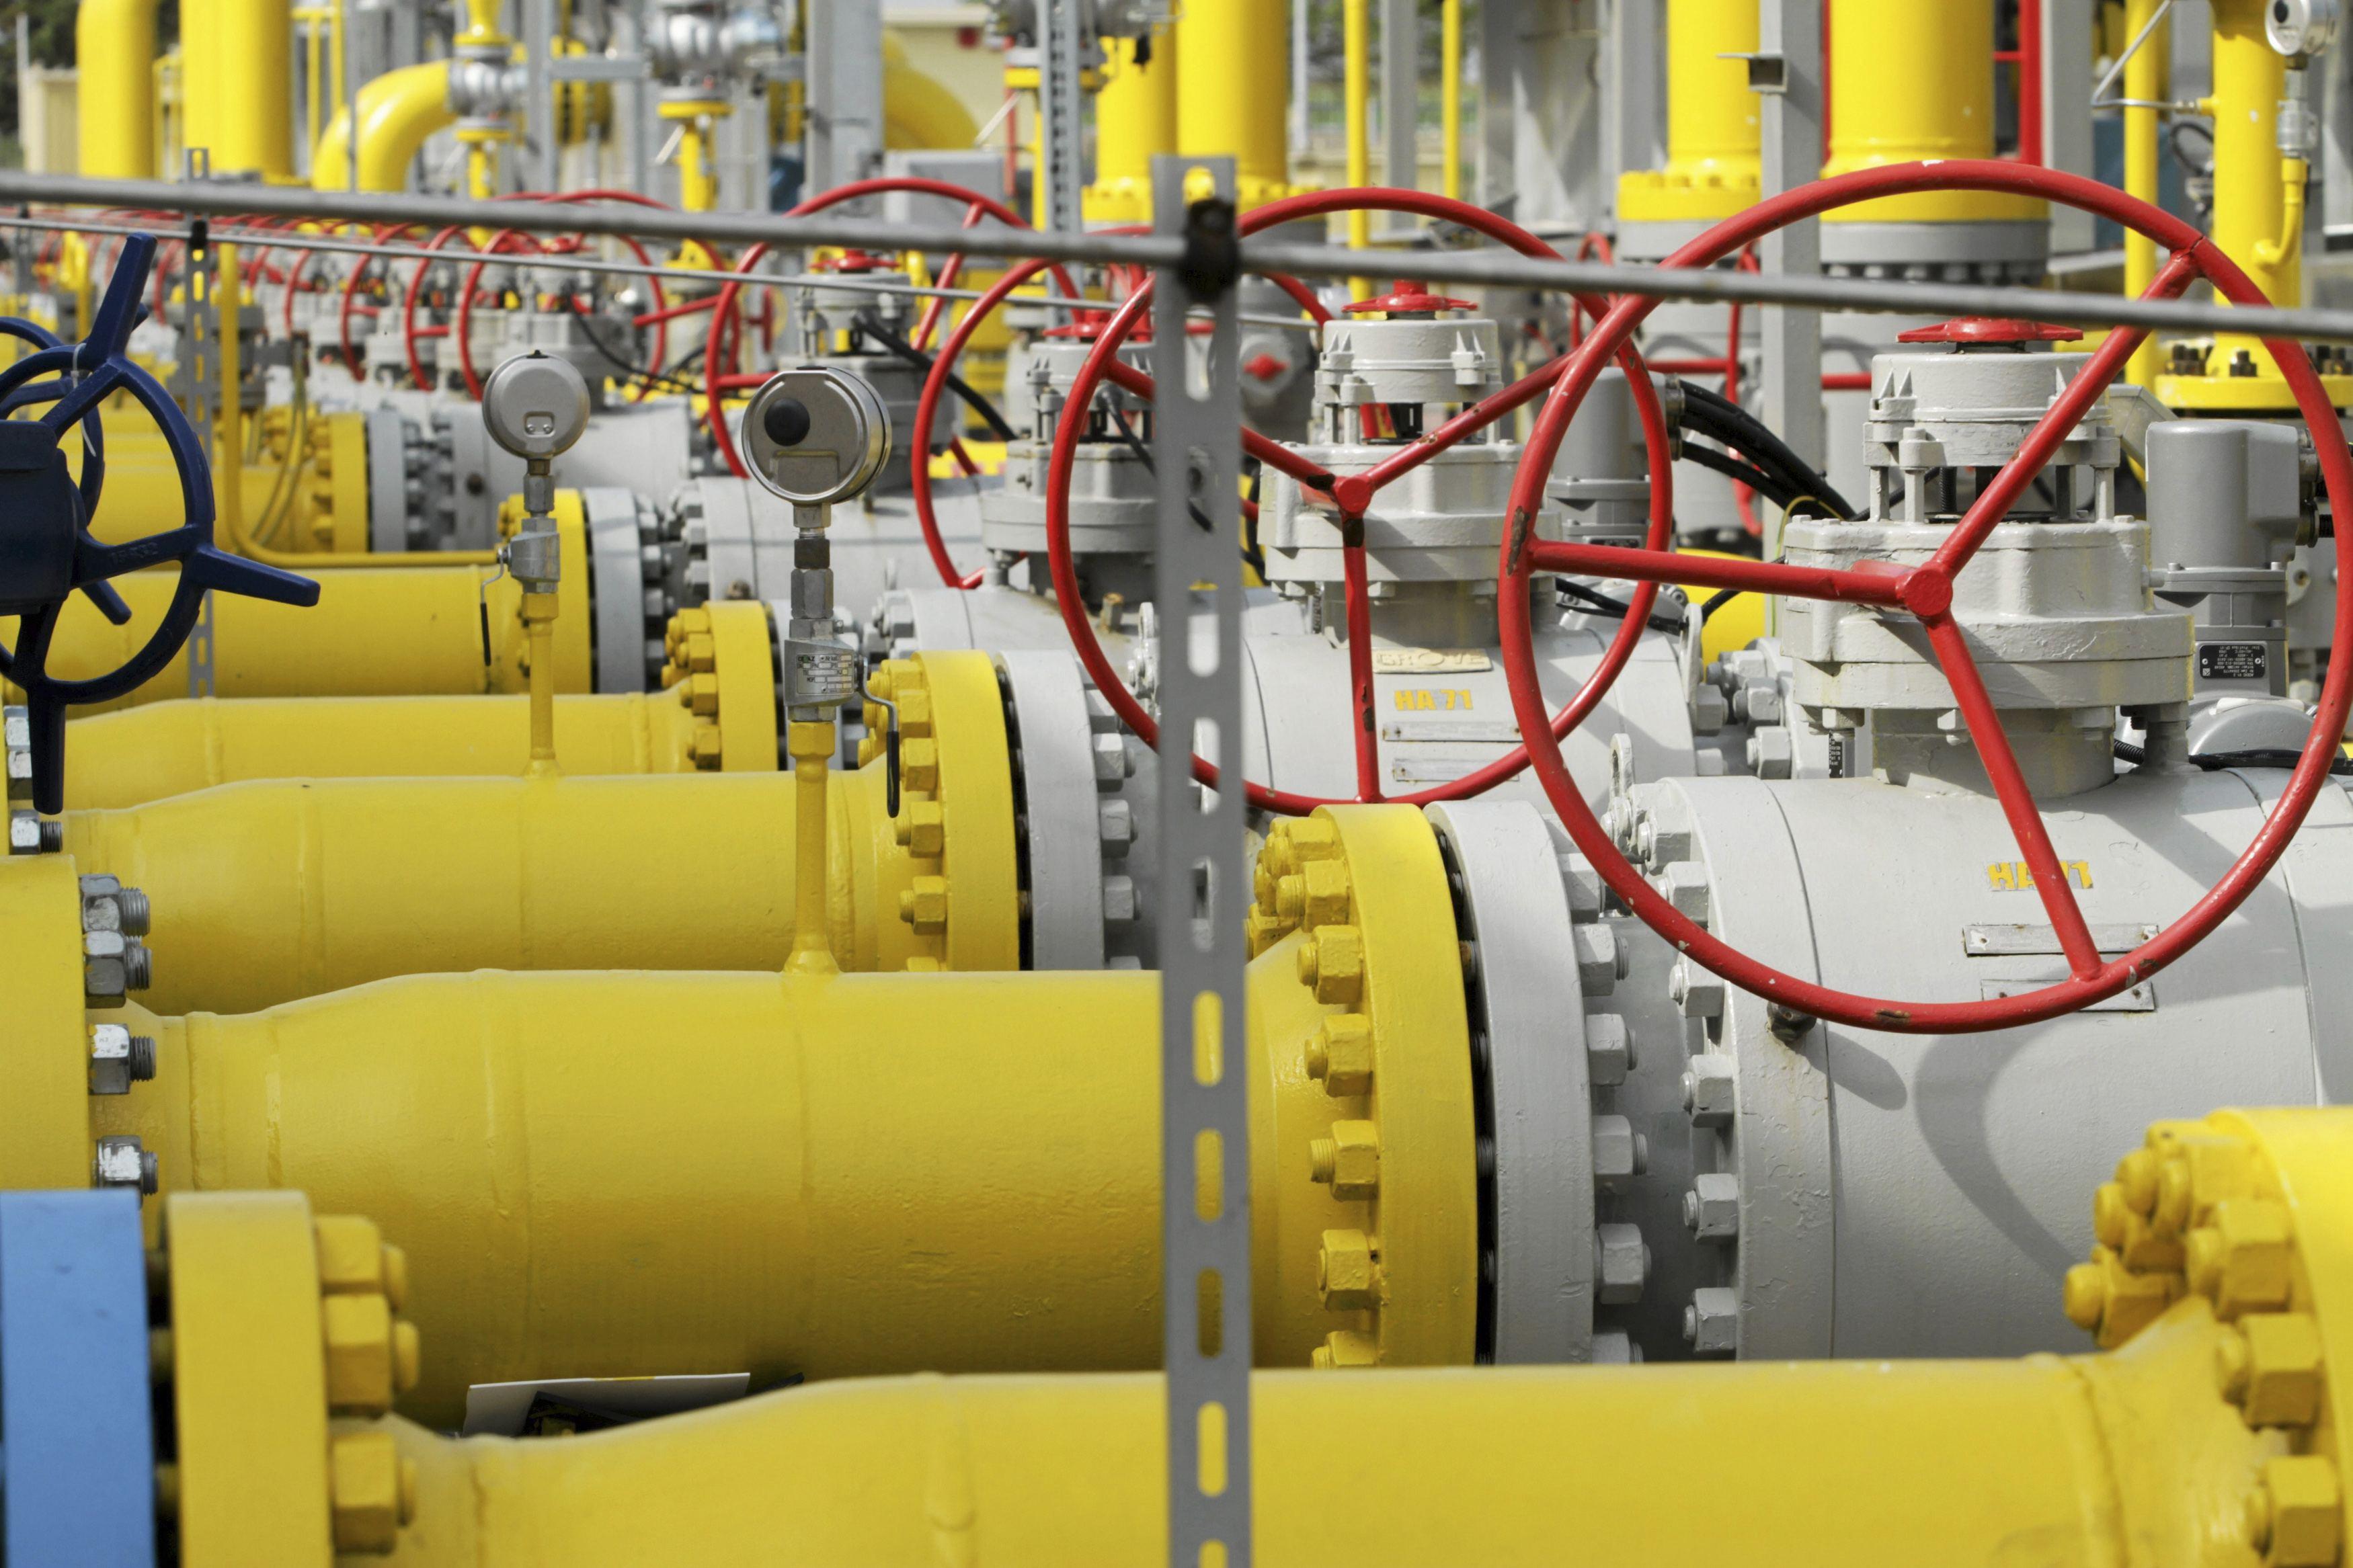 Συμφωνία Κιέβου-Μόσχας για την αποκατάσταση ροής του αερίου | tovima.gr